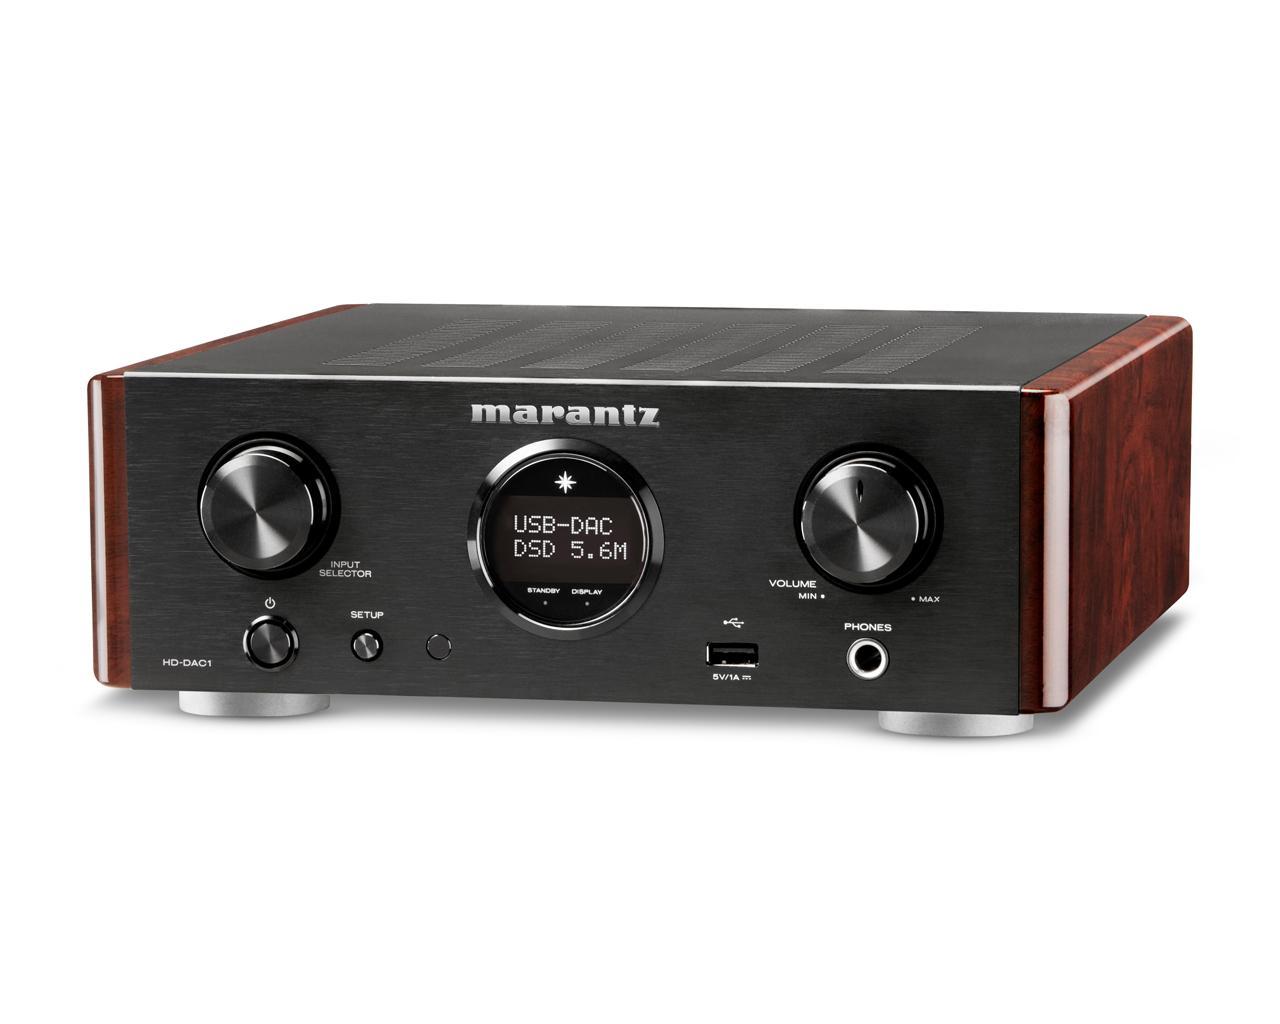 Powieksz do pelnego rozmiaru Marantz HD-DAC1, wzmacniacz słuchawkowy, wzmacniacz zintegrowany, przetwornik dac, cyfrowo-analogowy, hd dac, hd dac 1, hd-dac-1, hd-dac 1, hd dac-1,